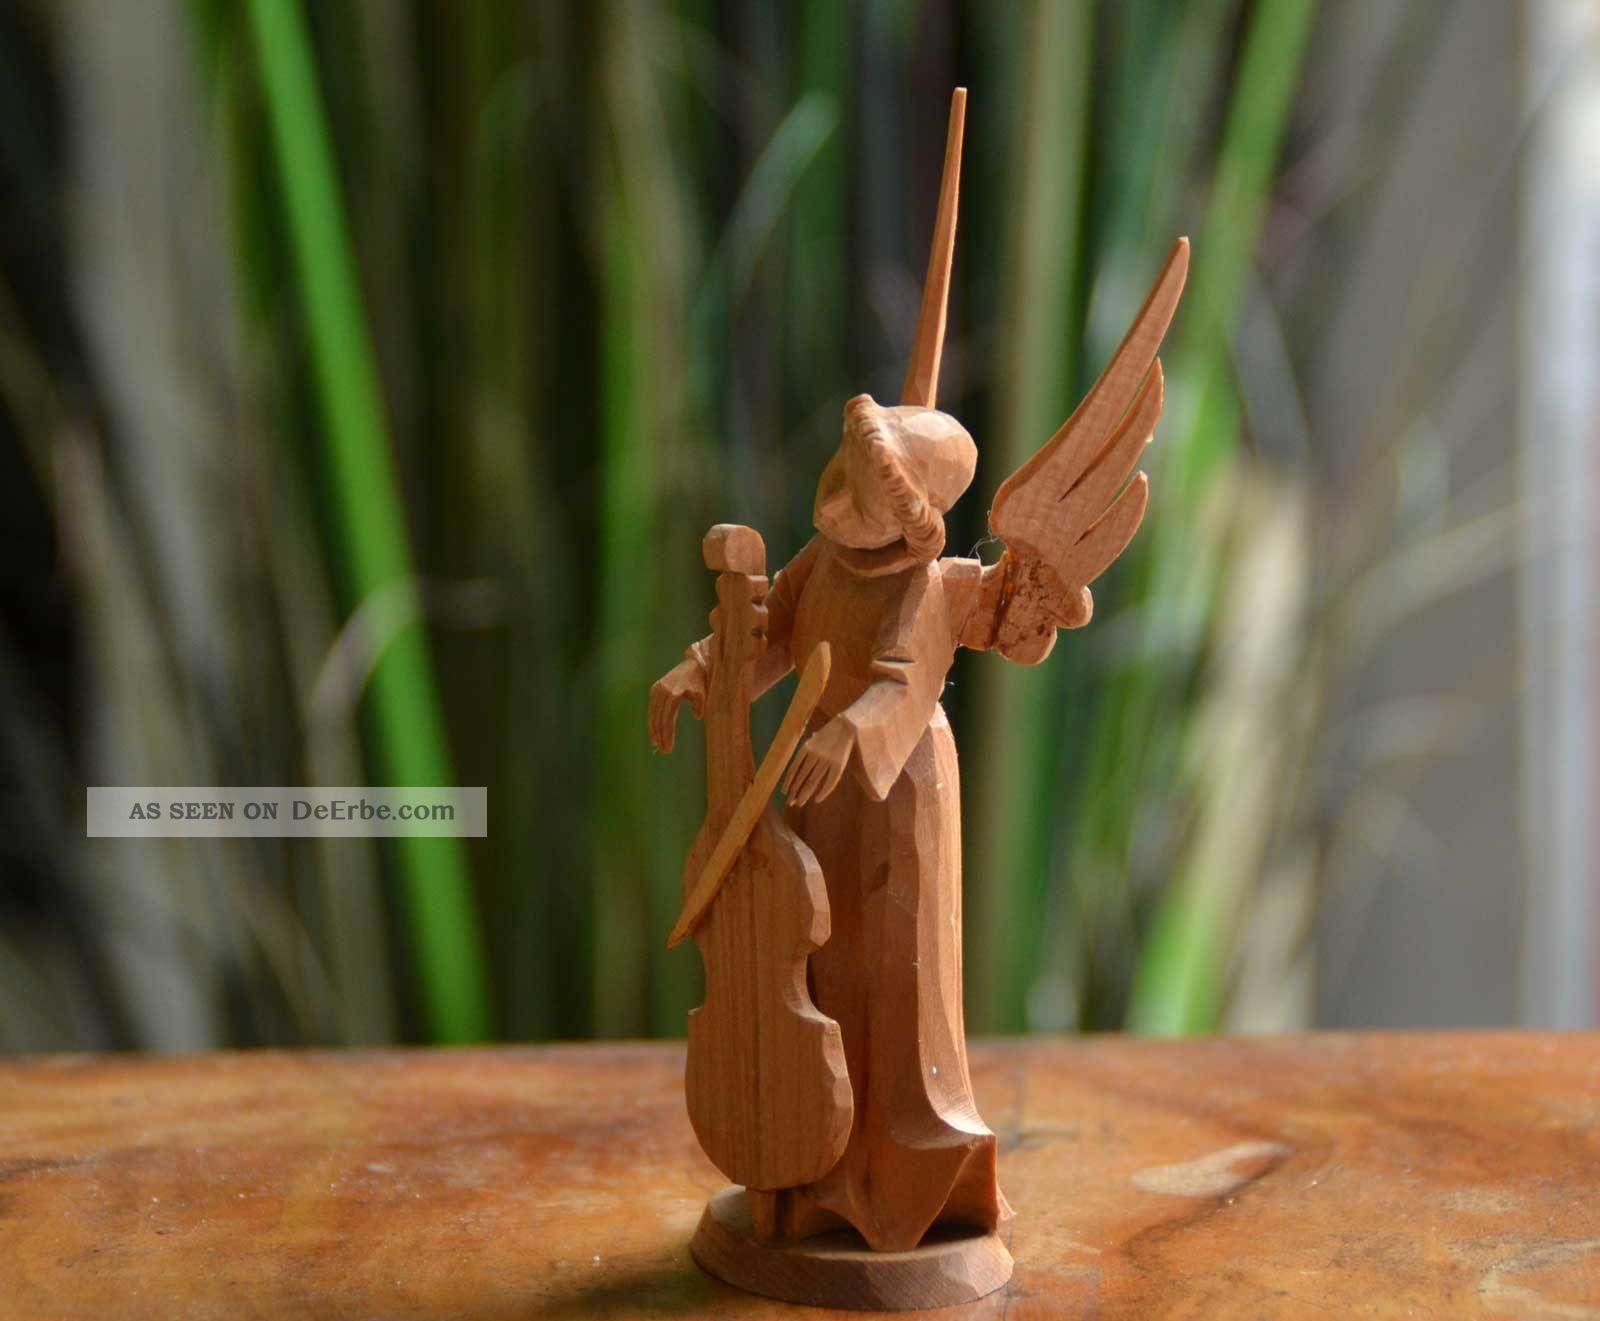 Vintage Handgeschnitzter Engel Mit Cello Oberammergau Holz Figur Krippenfigur Holzarbeiten Bild